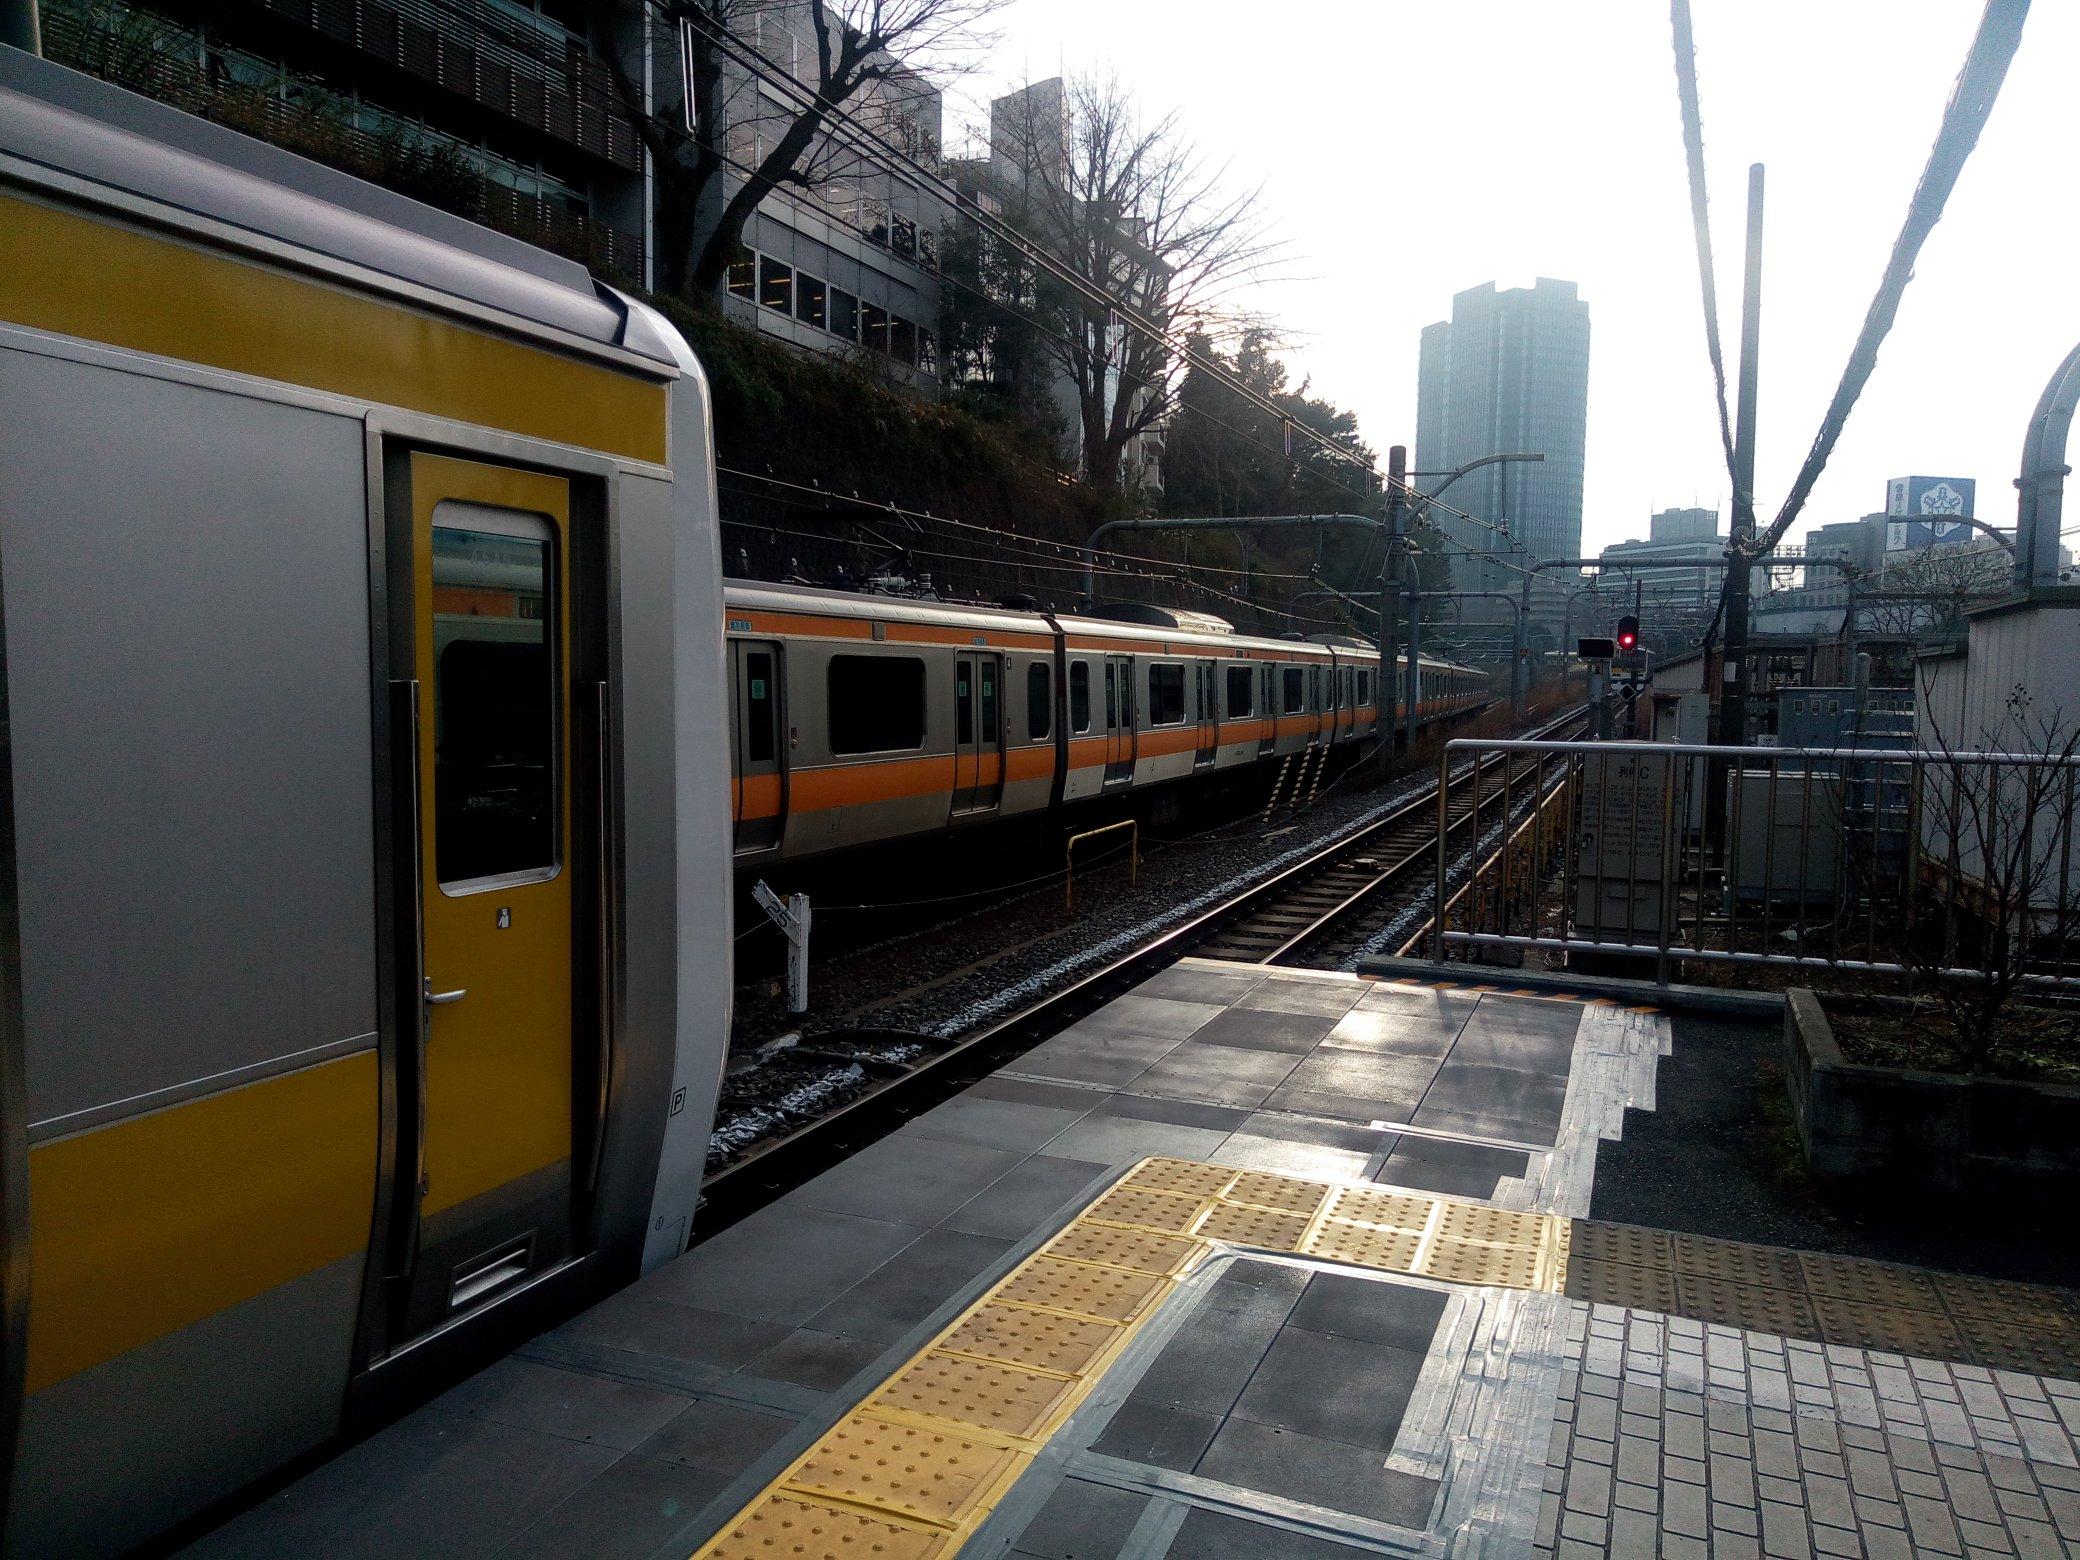 総武線の代々木駅で人身事故が起き電車が運転を見合わせている画像